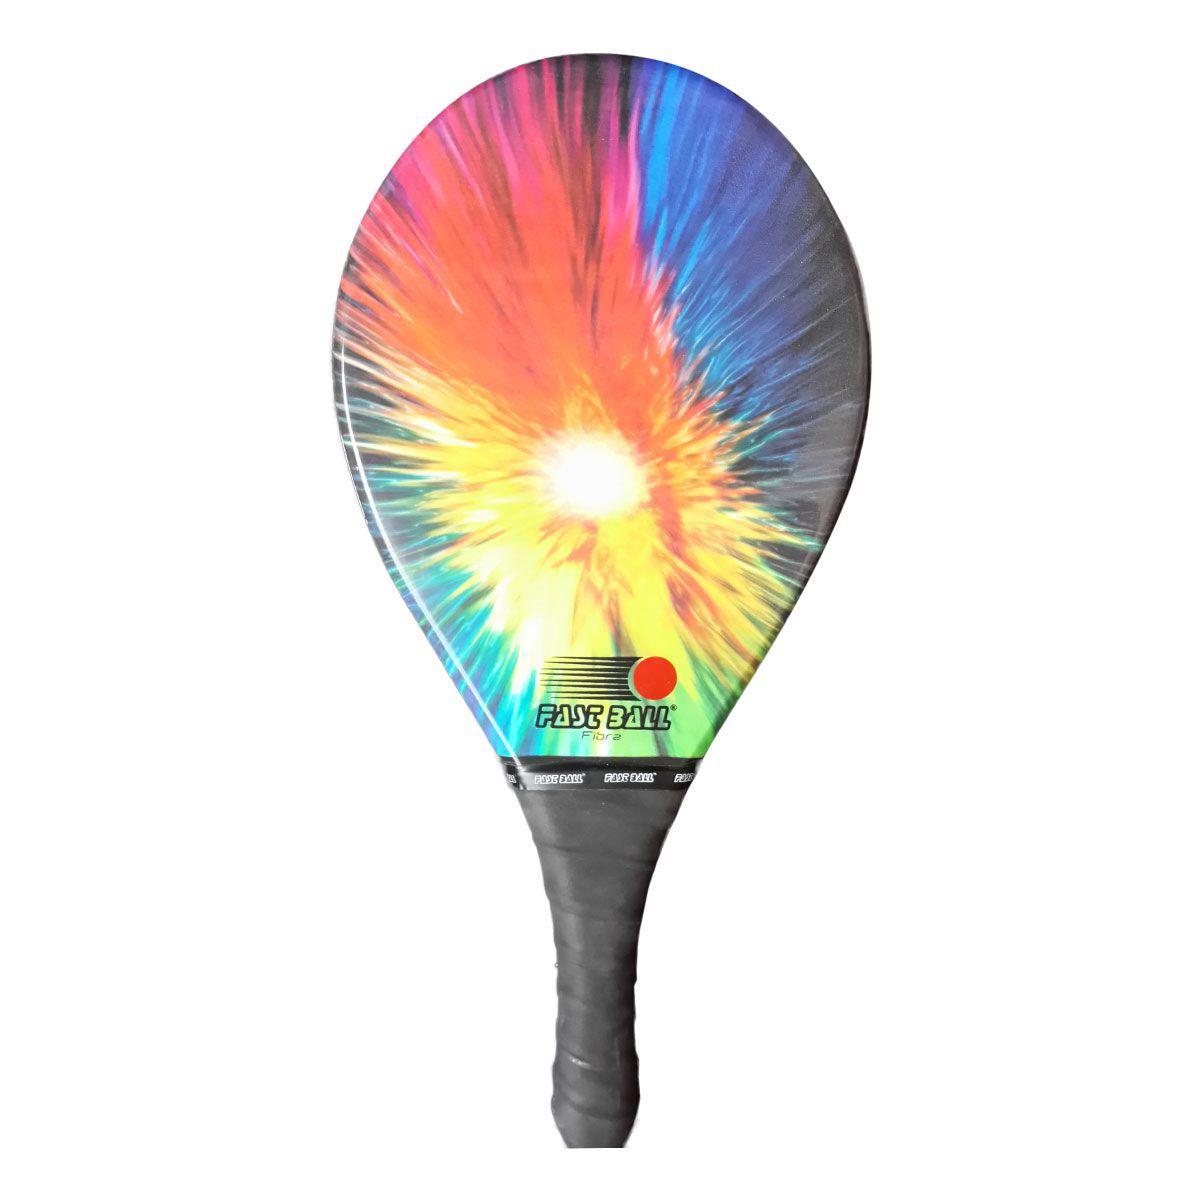 Raquete de Frescobol de Fibra Fast Ball com Estampa Colorida